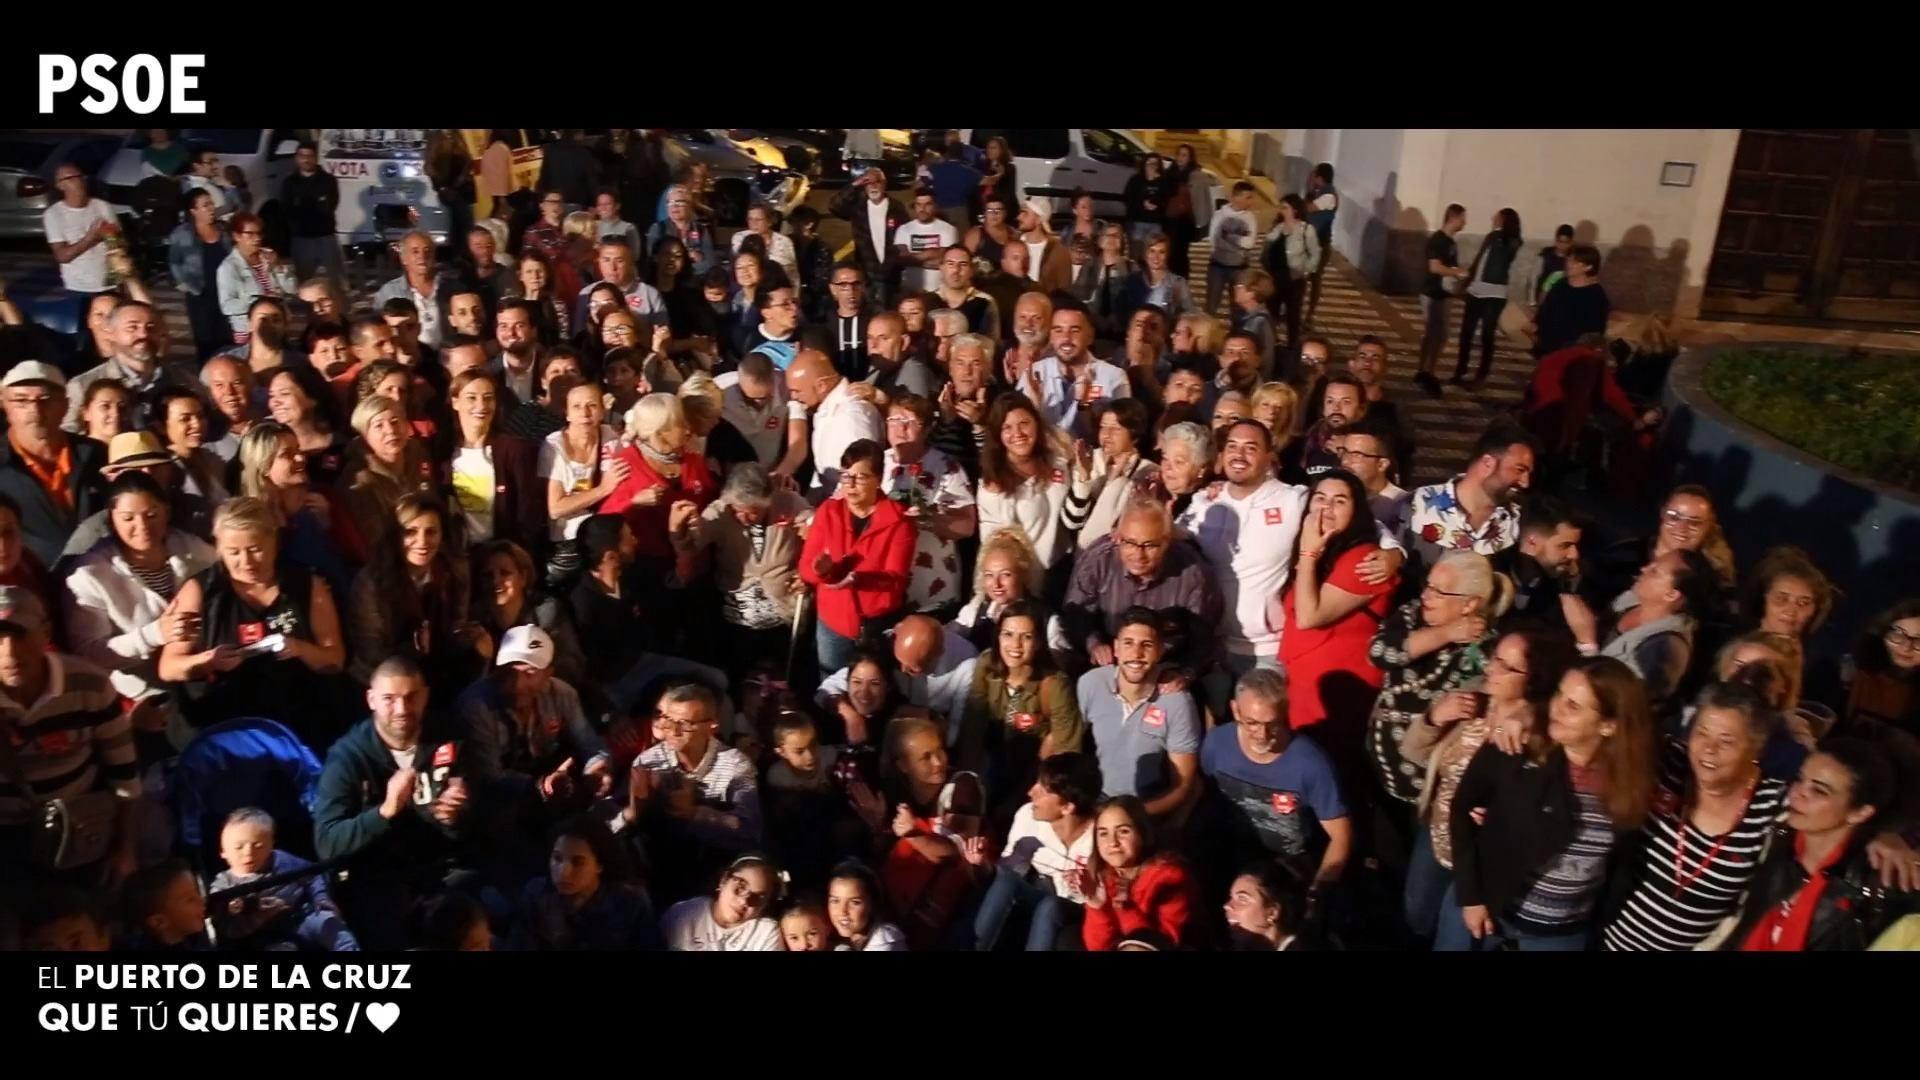 Elecciones municipales - Asamblea Abierta en La Vera - 22 de mayo